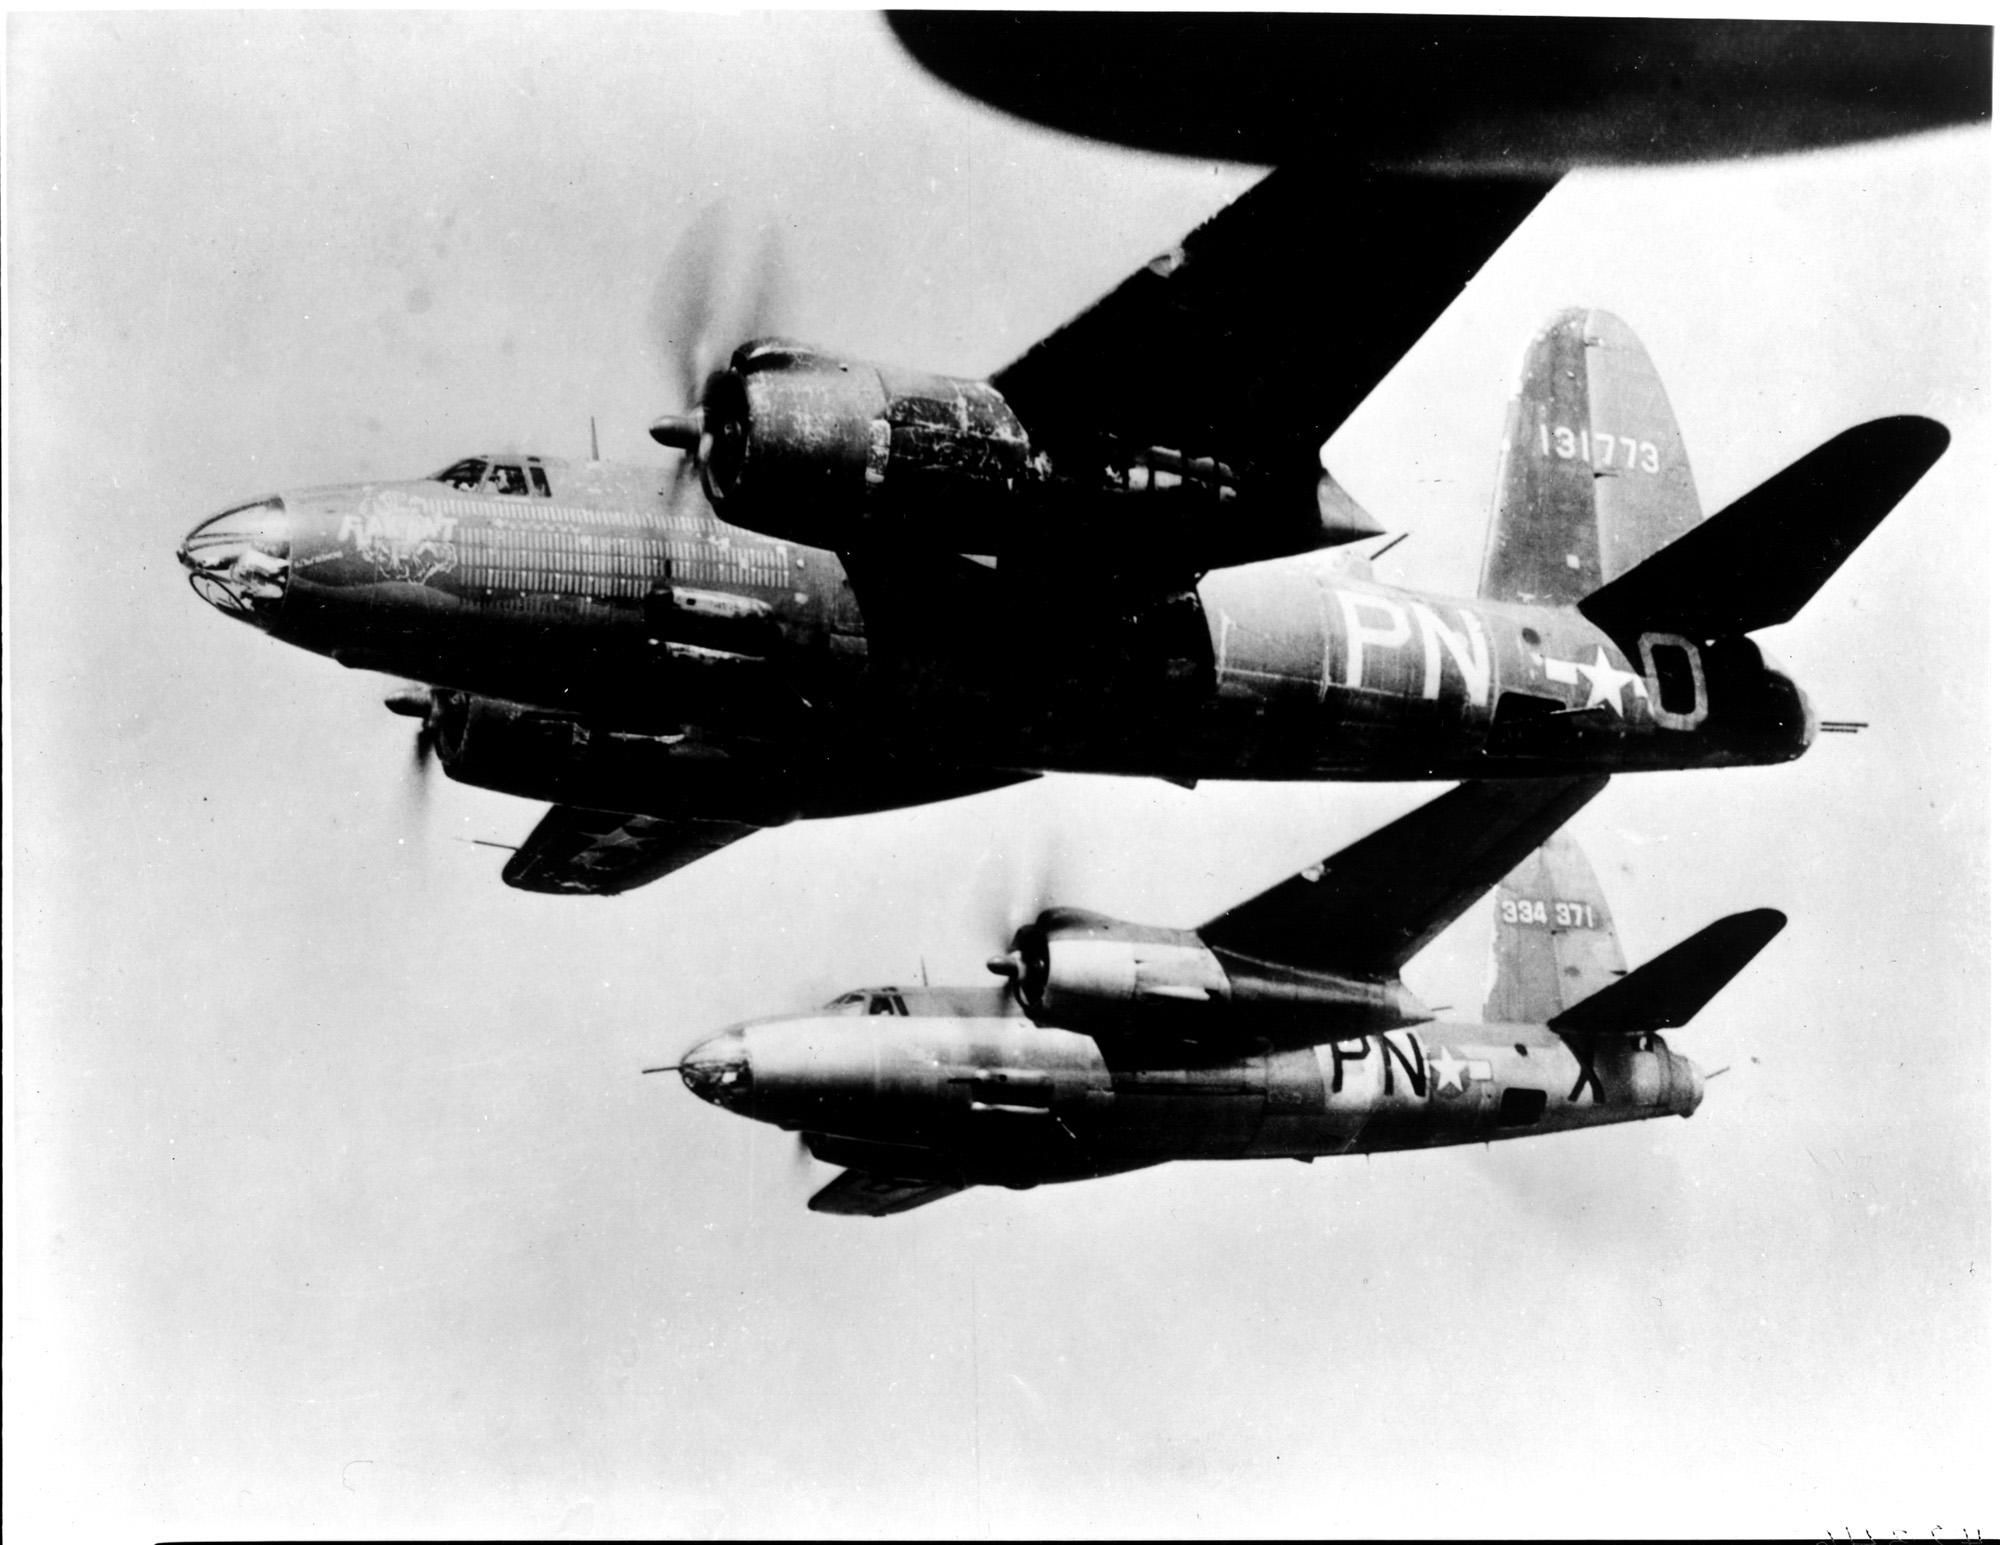 Flak-Bait's 200th Mission